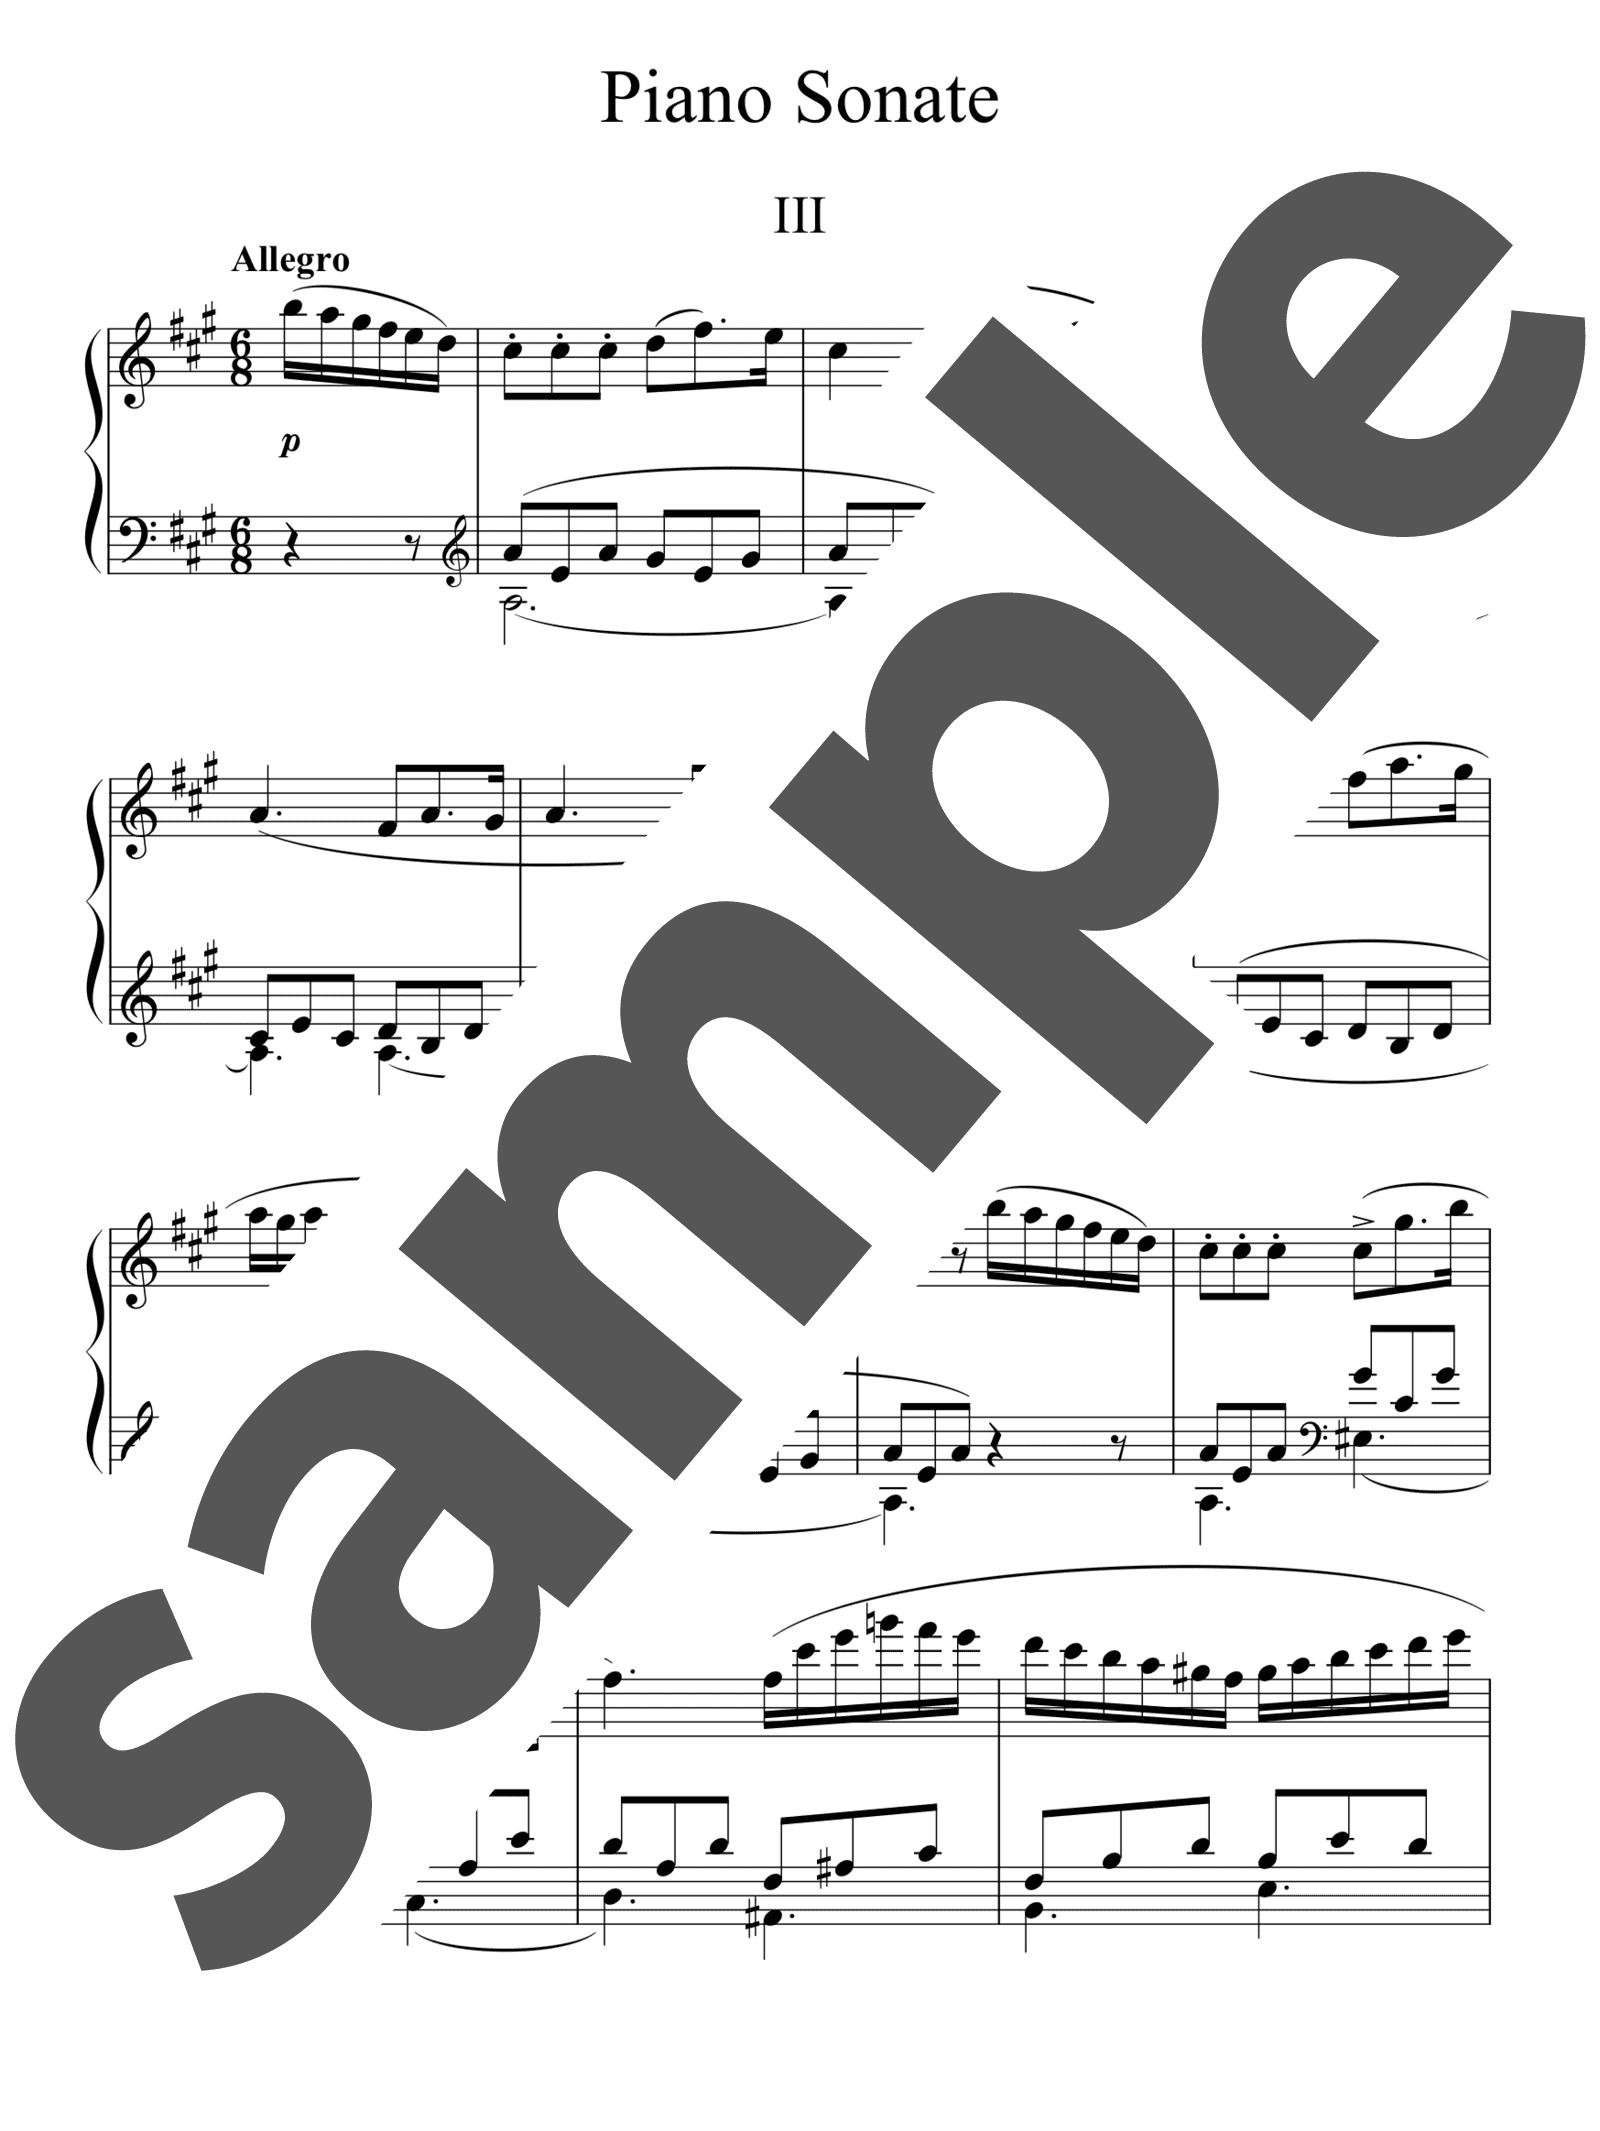 「ピアノ・ソナタ 第13番 イ長調 第3楽章」のサンプル楽譜